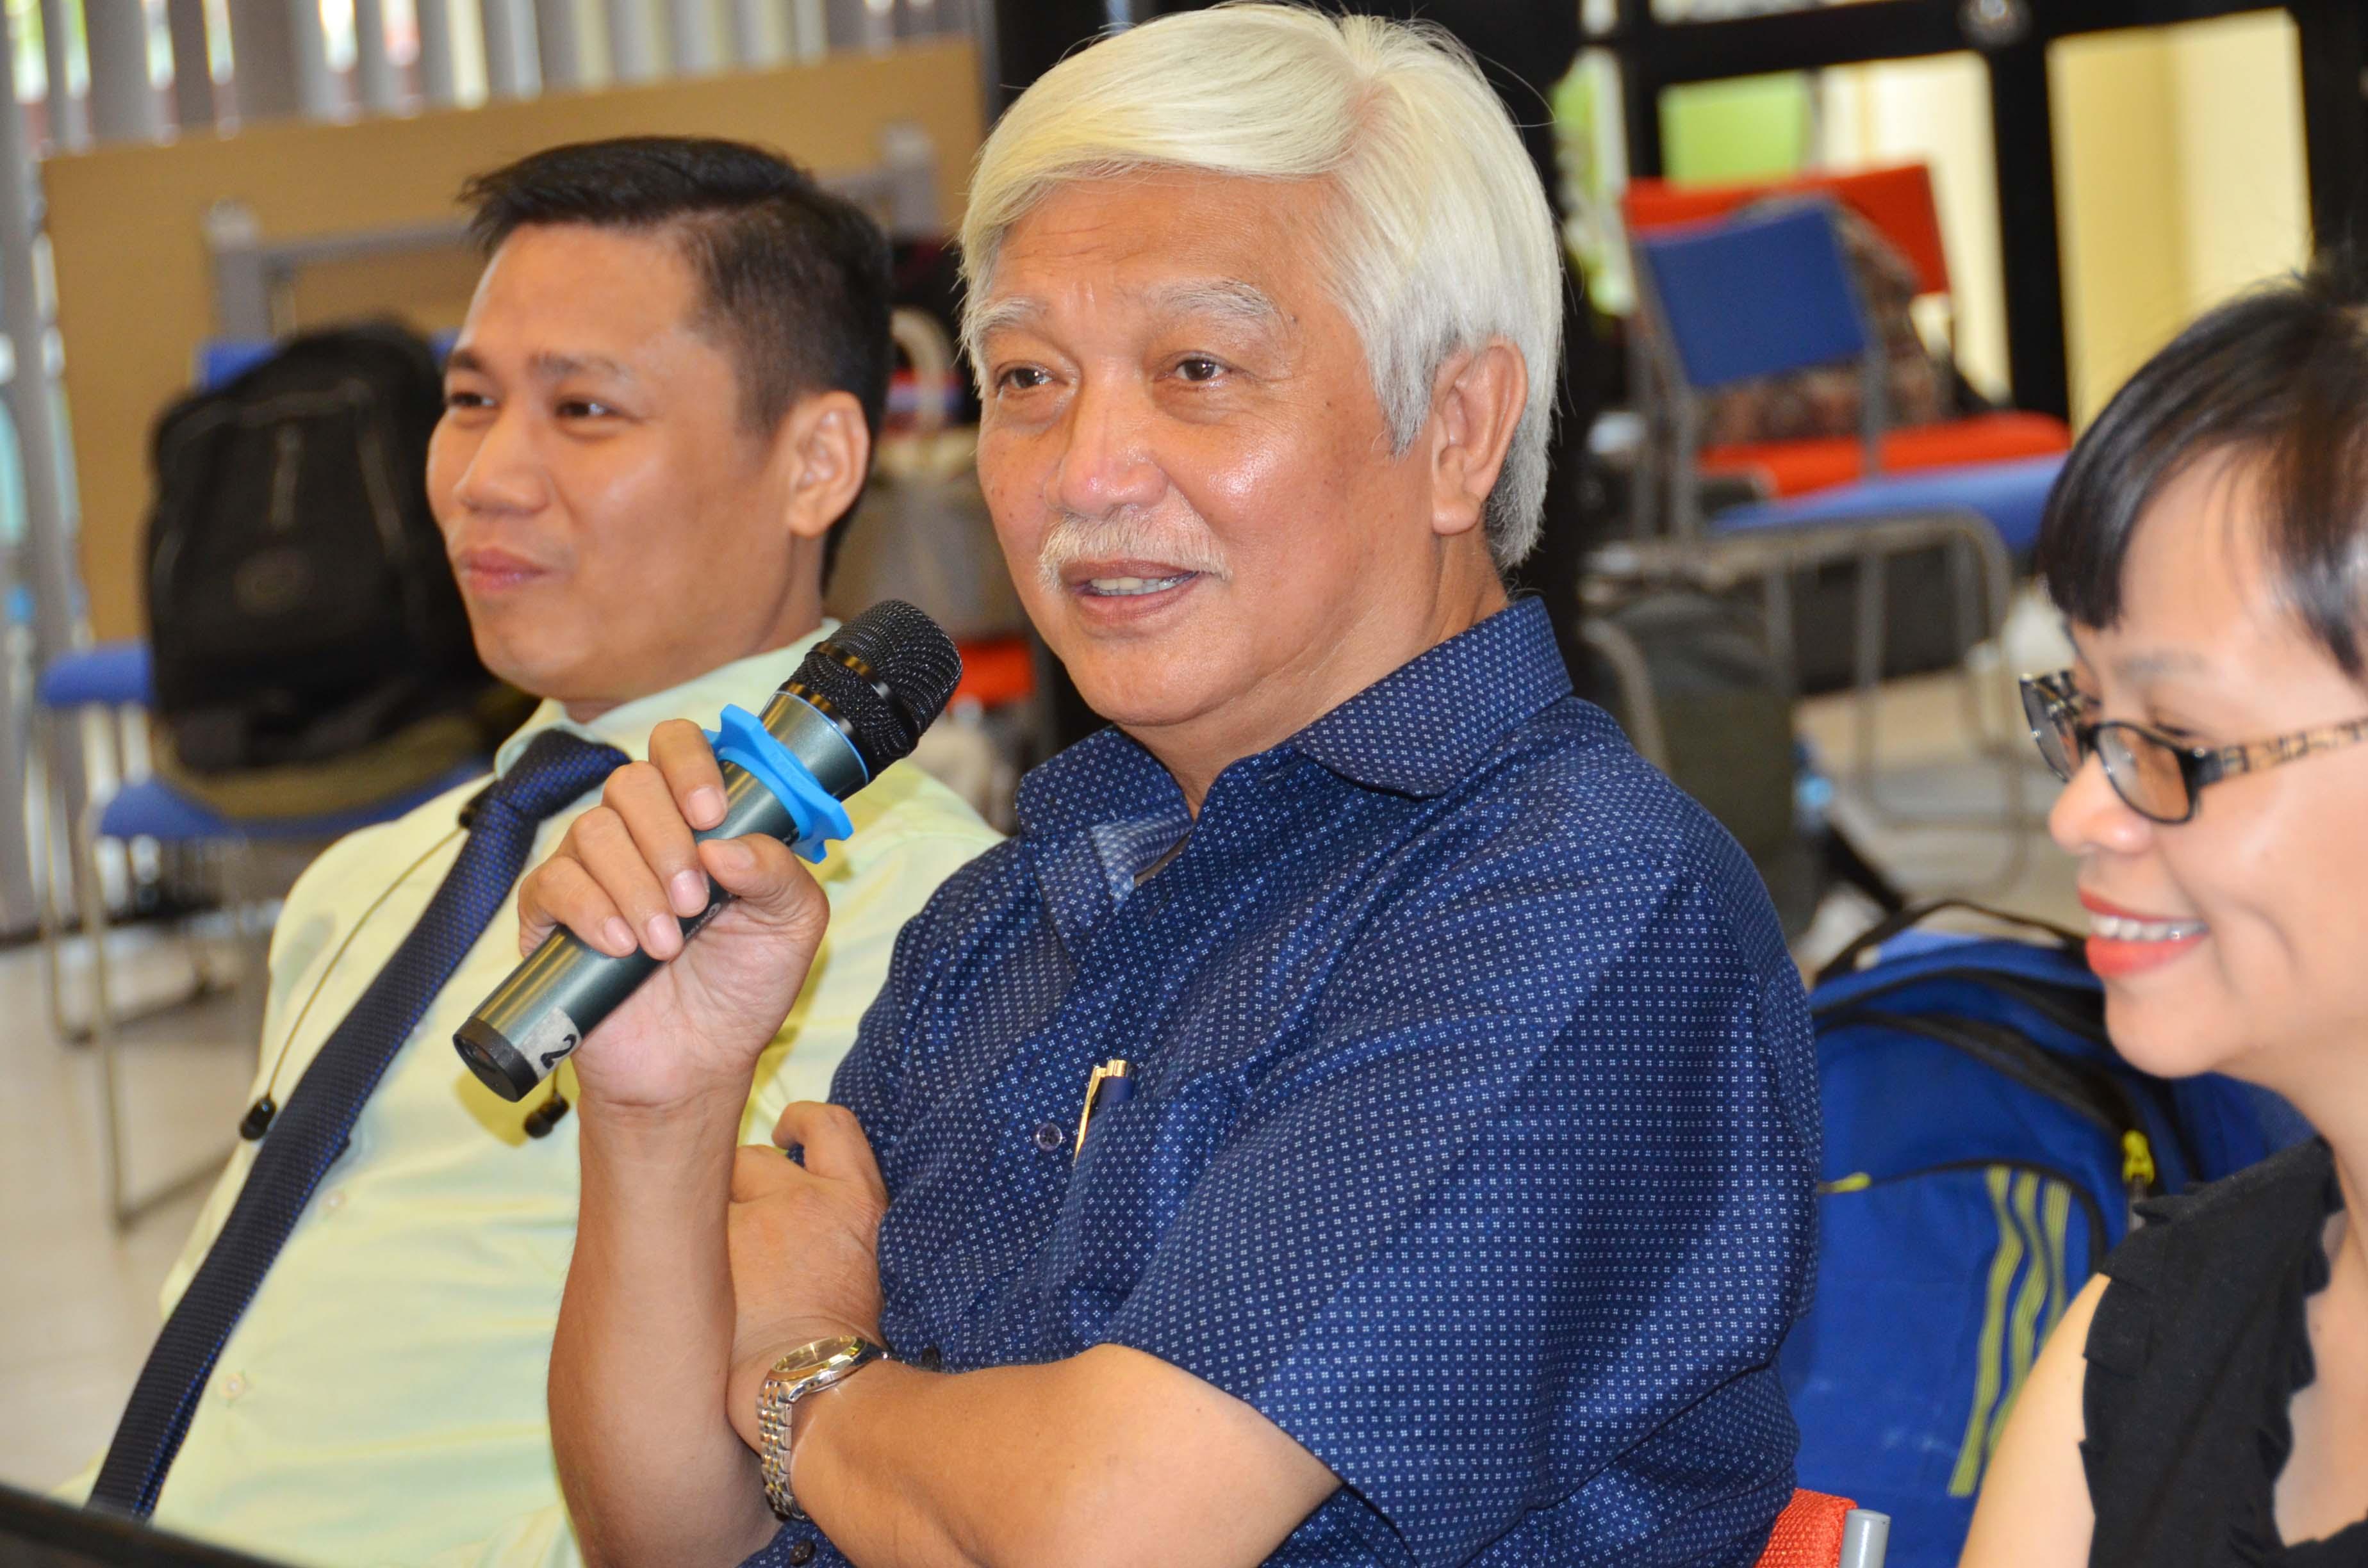 Ông Dương Trung Quốc đặt nhiều kỳ vọng vào sự thành công của cuộc thi khởi nghiệp Vua bán hàng